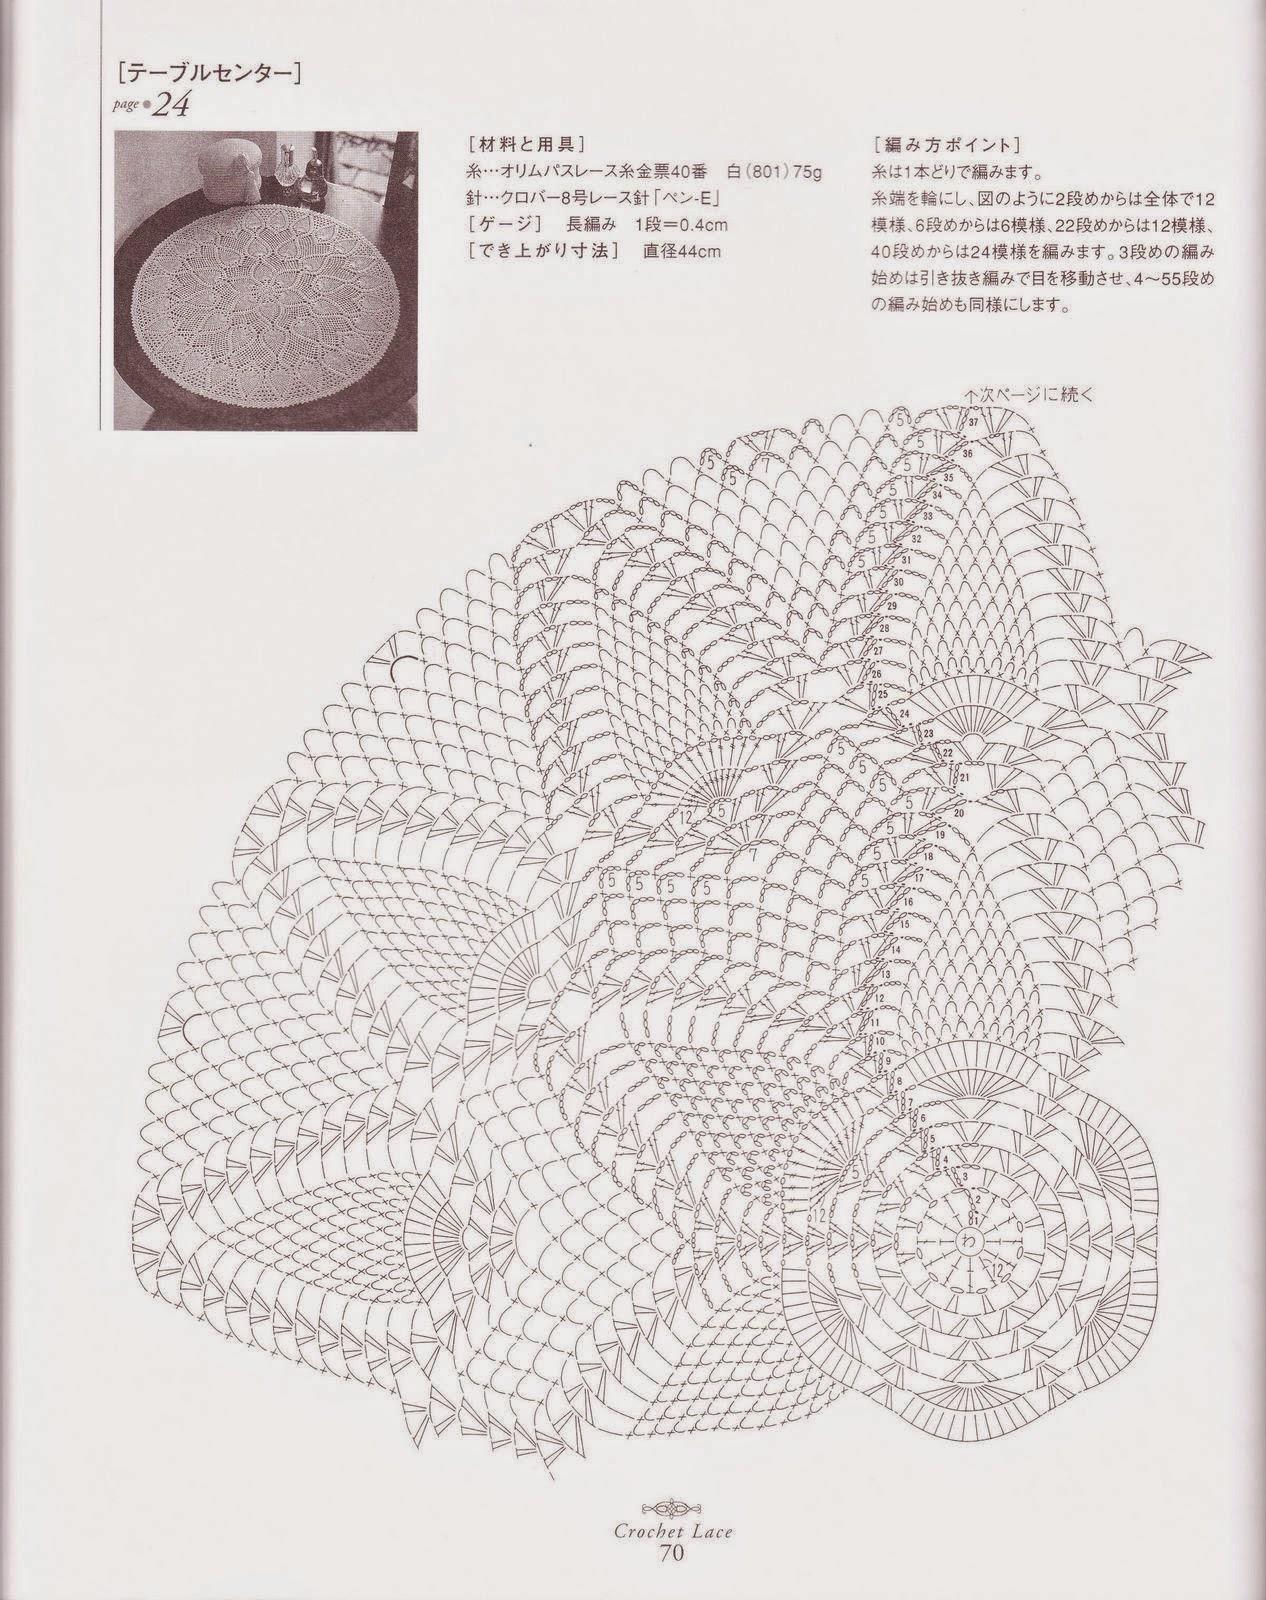 PATRONES GRATIS DE CROCHET: Patrón Tapete, carpeta o centro de mesa ...